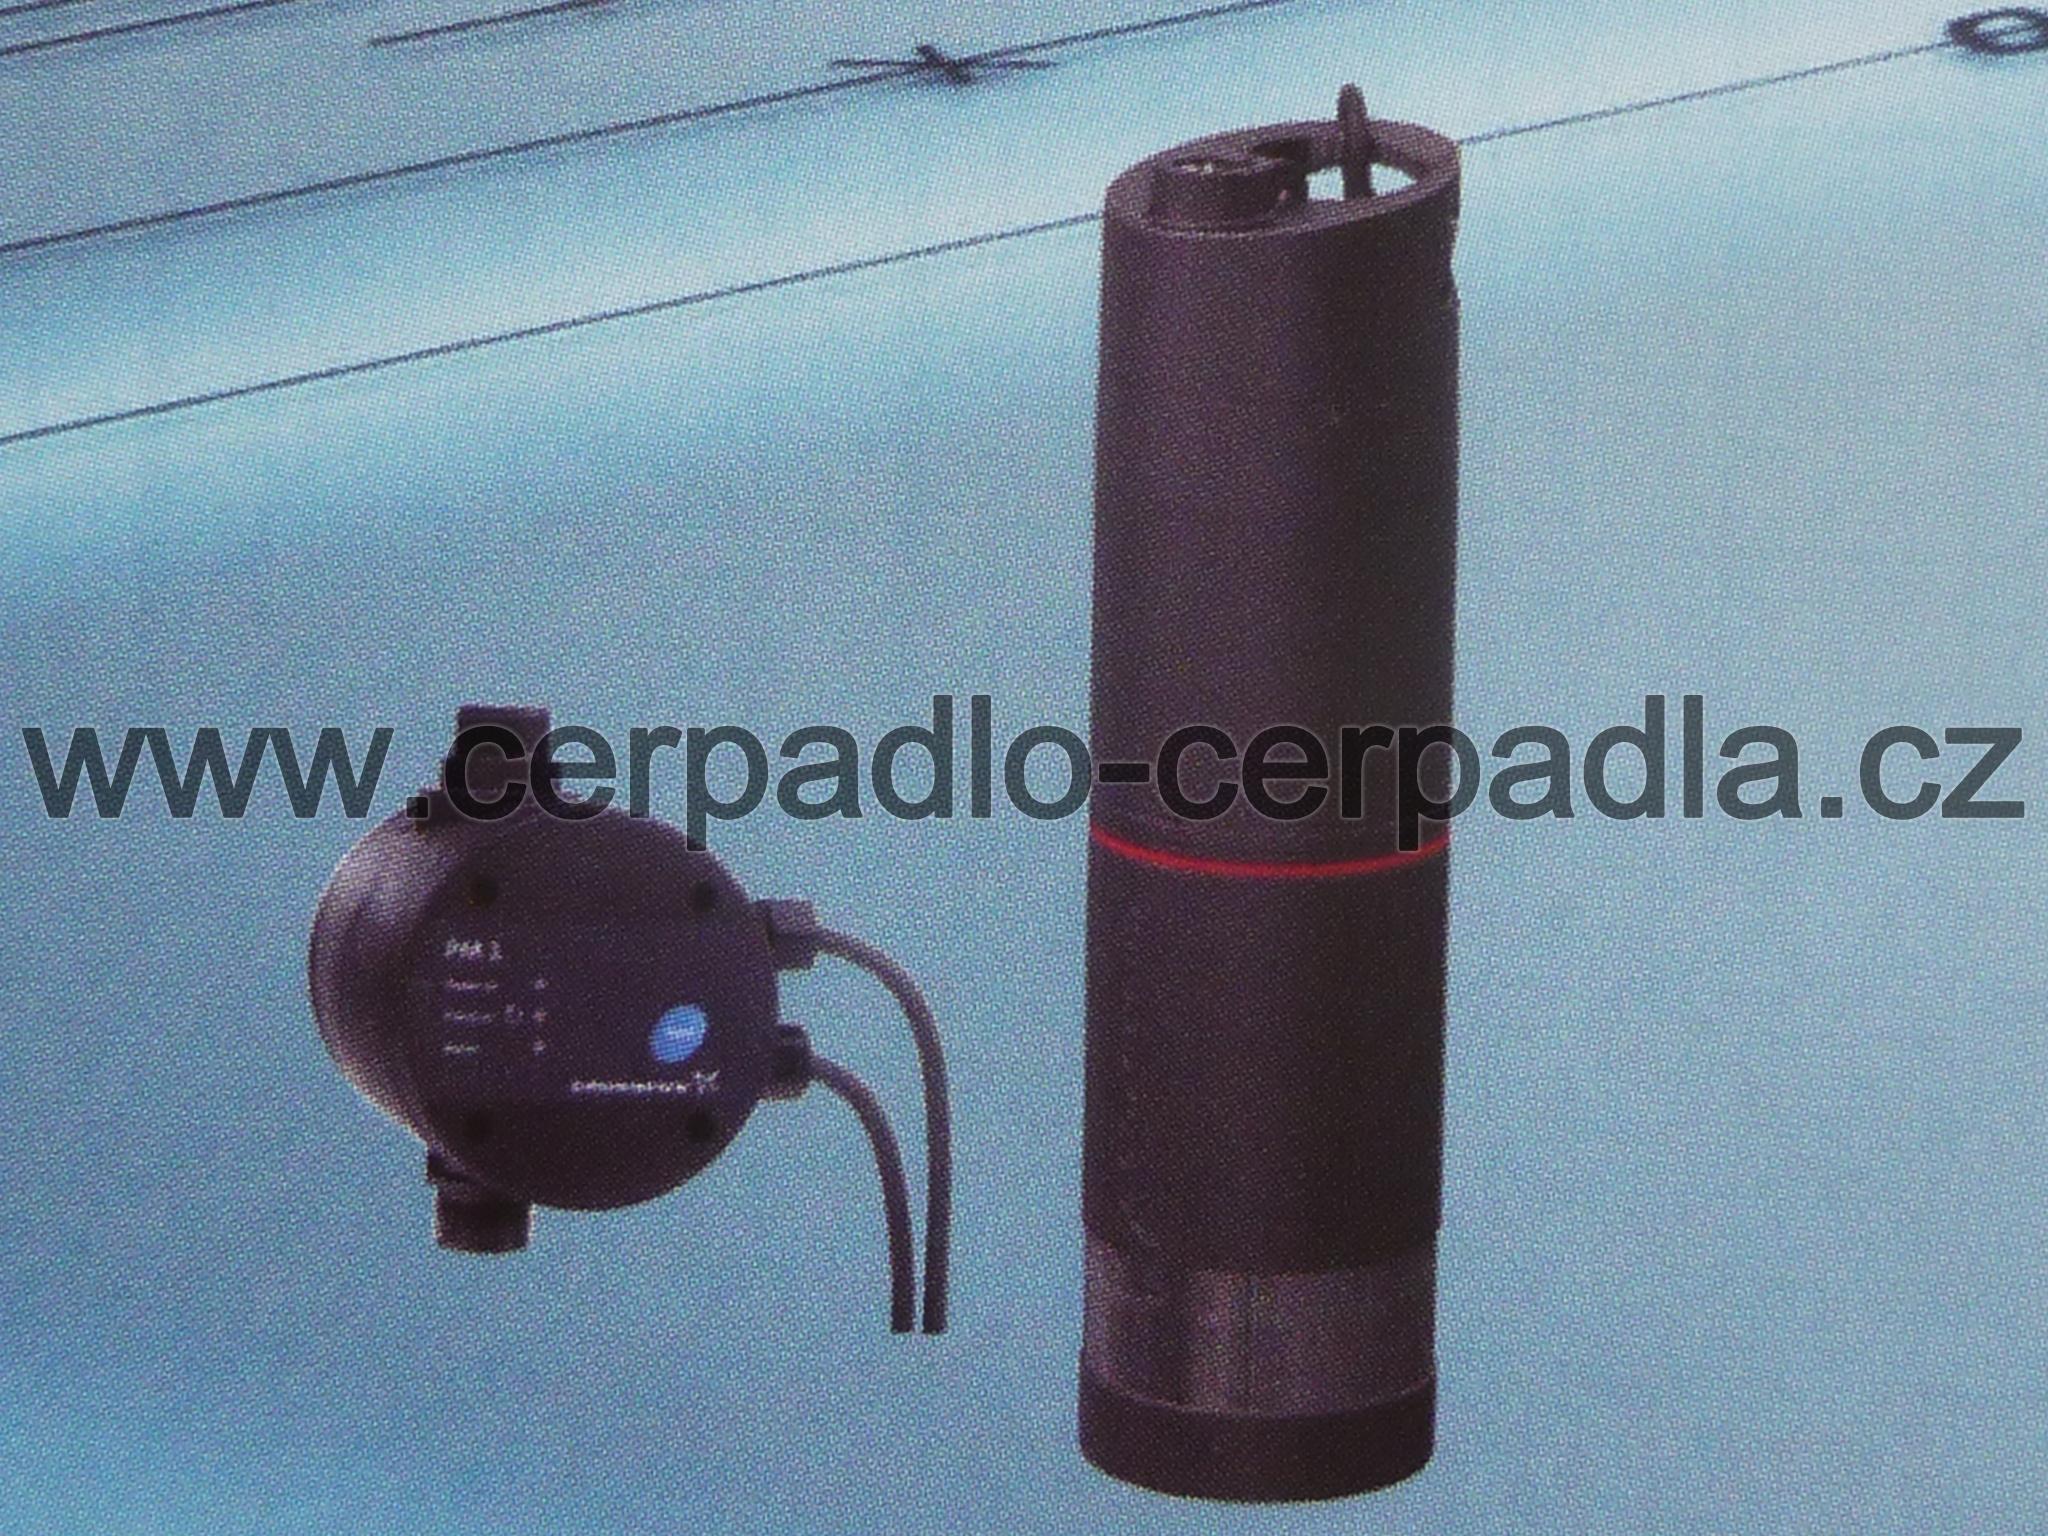 set GRUNDFOS SB 3-45M + řídící jednotka PM1, 98163259 (set GRUNDFOS SB 3-45M)